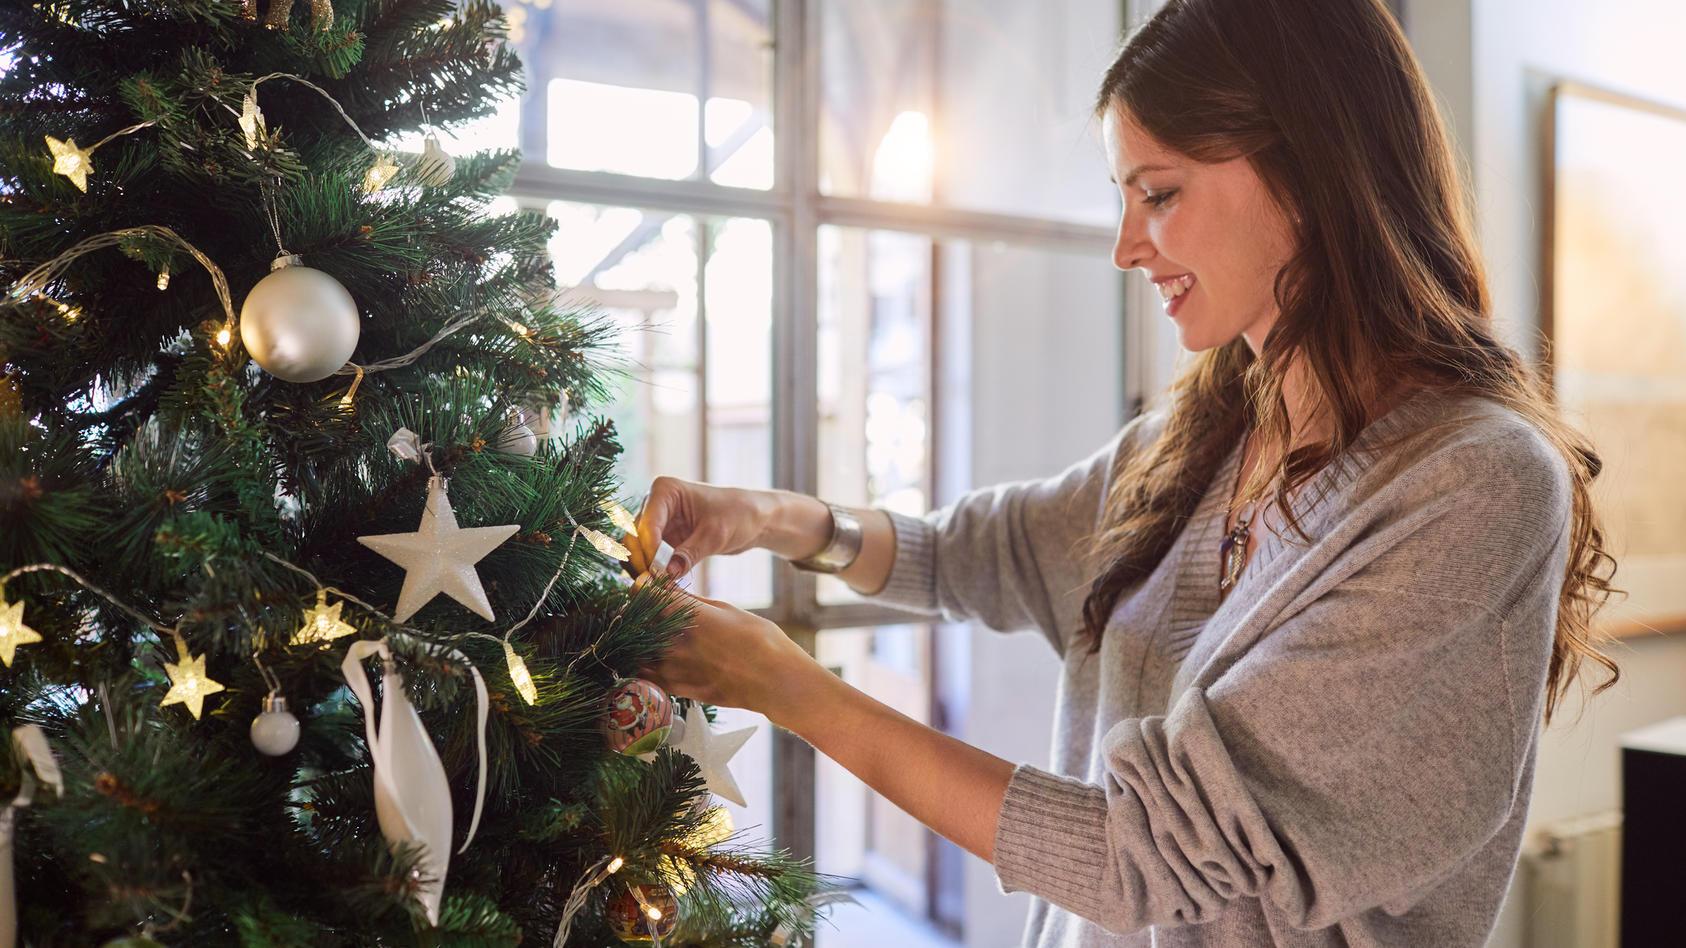 Weihnachtswichtel, aufgepasst: Hier gibt es Geschenke, Deko & Co. zu Schnäppchenpreisen.